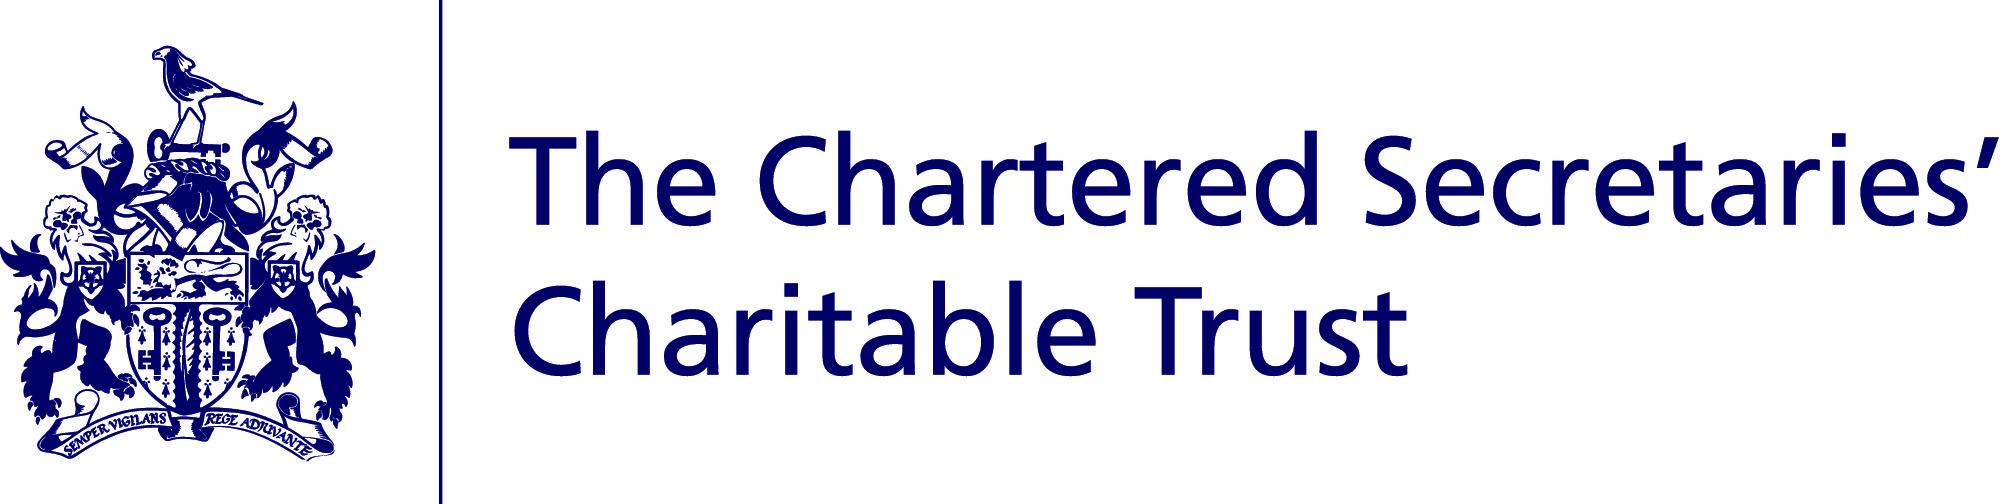 charitable trust logo cmyk blue